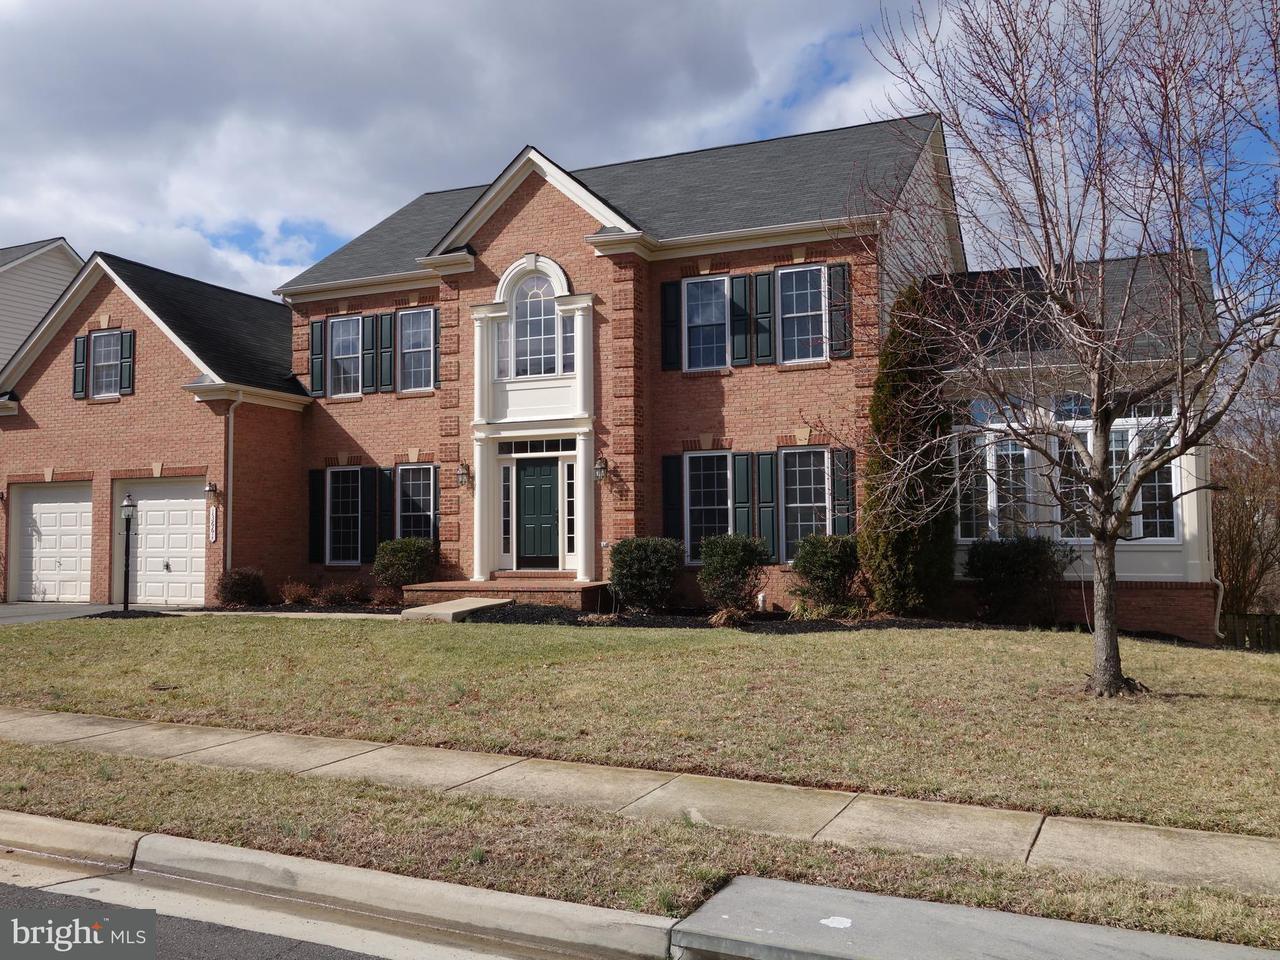 Casa Unifamiliar por un Venta en 13661 Newtonmore Place 13661 Newtonmore Place Bristow, Virginia 20136 Estados Unidos